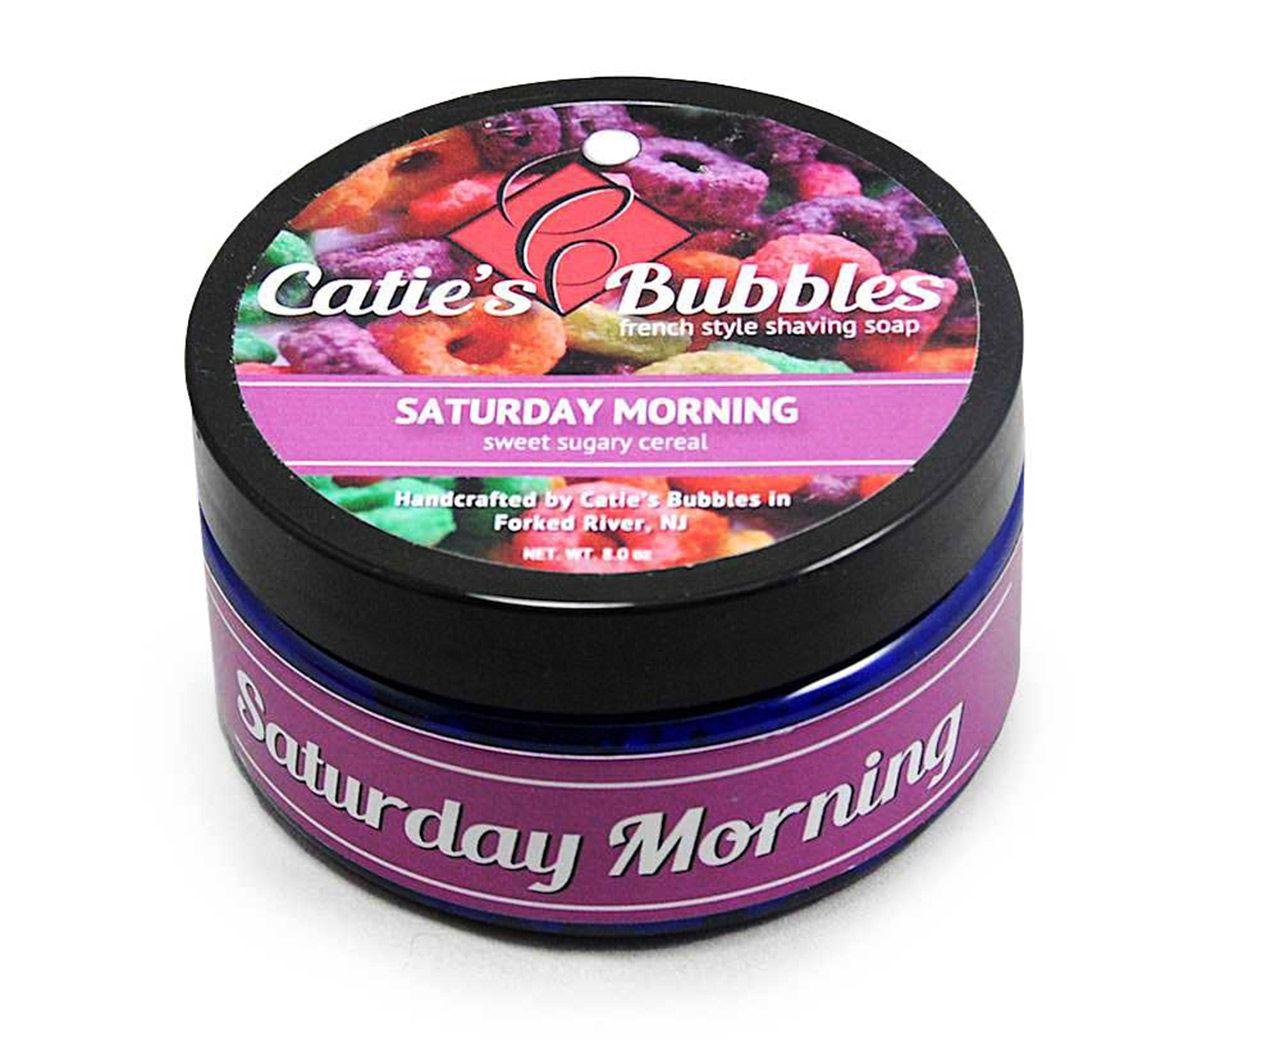 Opakowanie mydła do golenia Catie's Bubbles Saturday Morning Shaving Soap